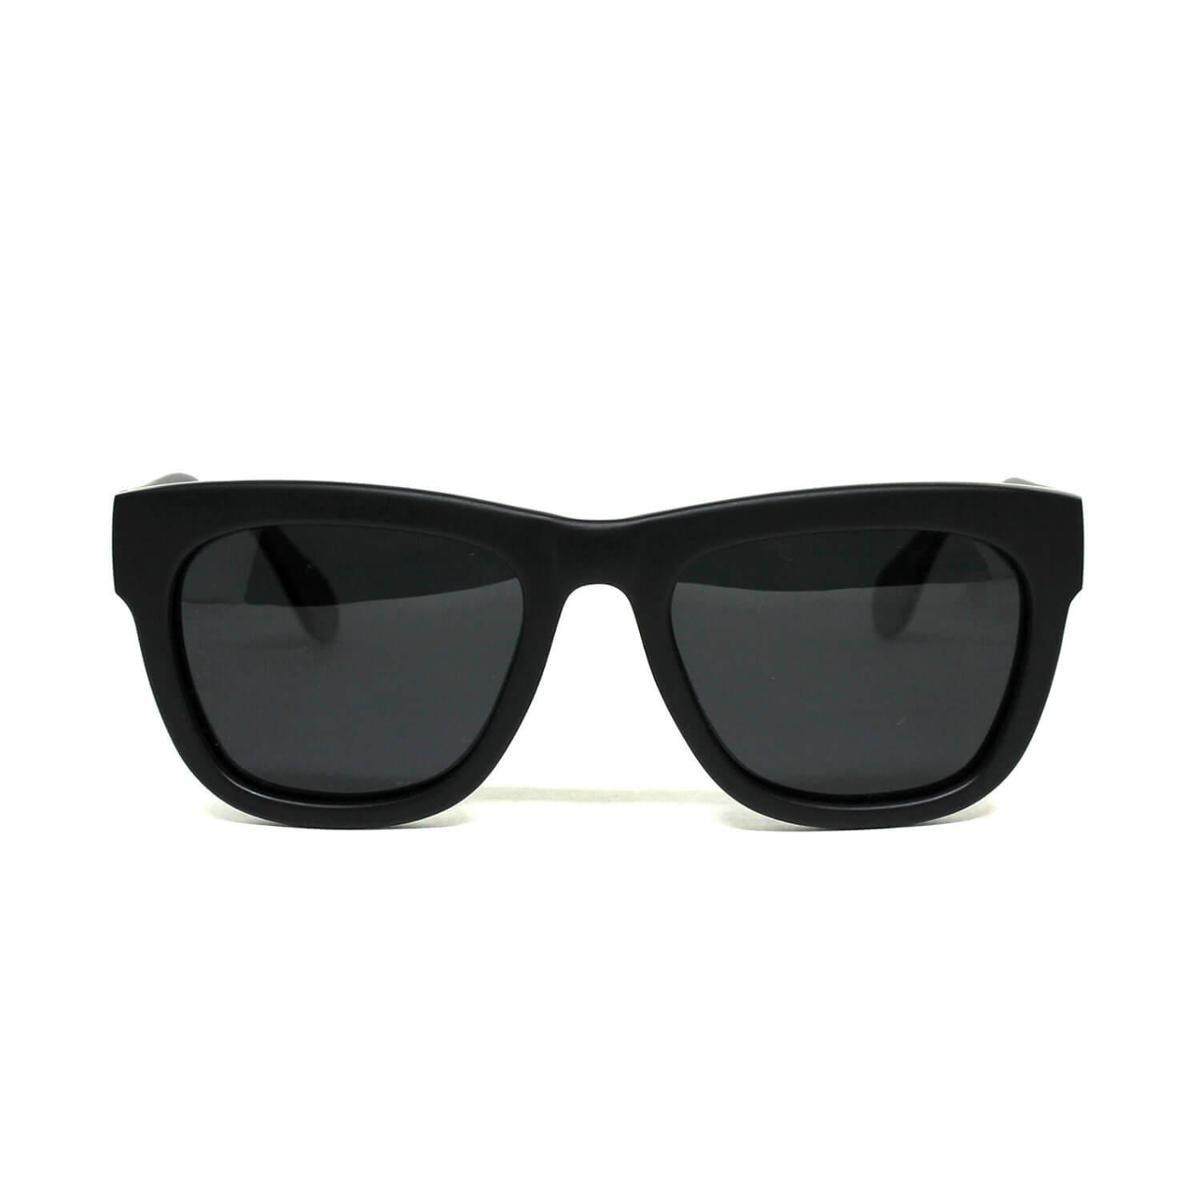 Óculos De Sol Hoshwear Round City Fosco - Compre Agora   Netshoes 511496c1fa